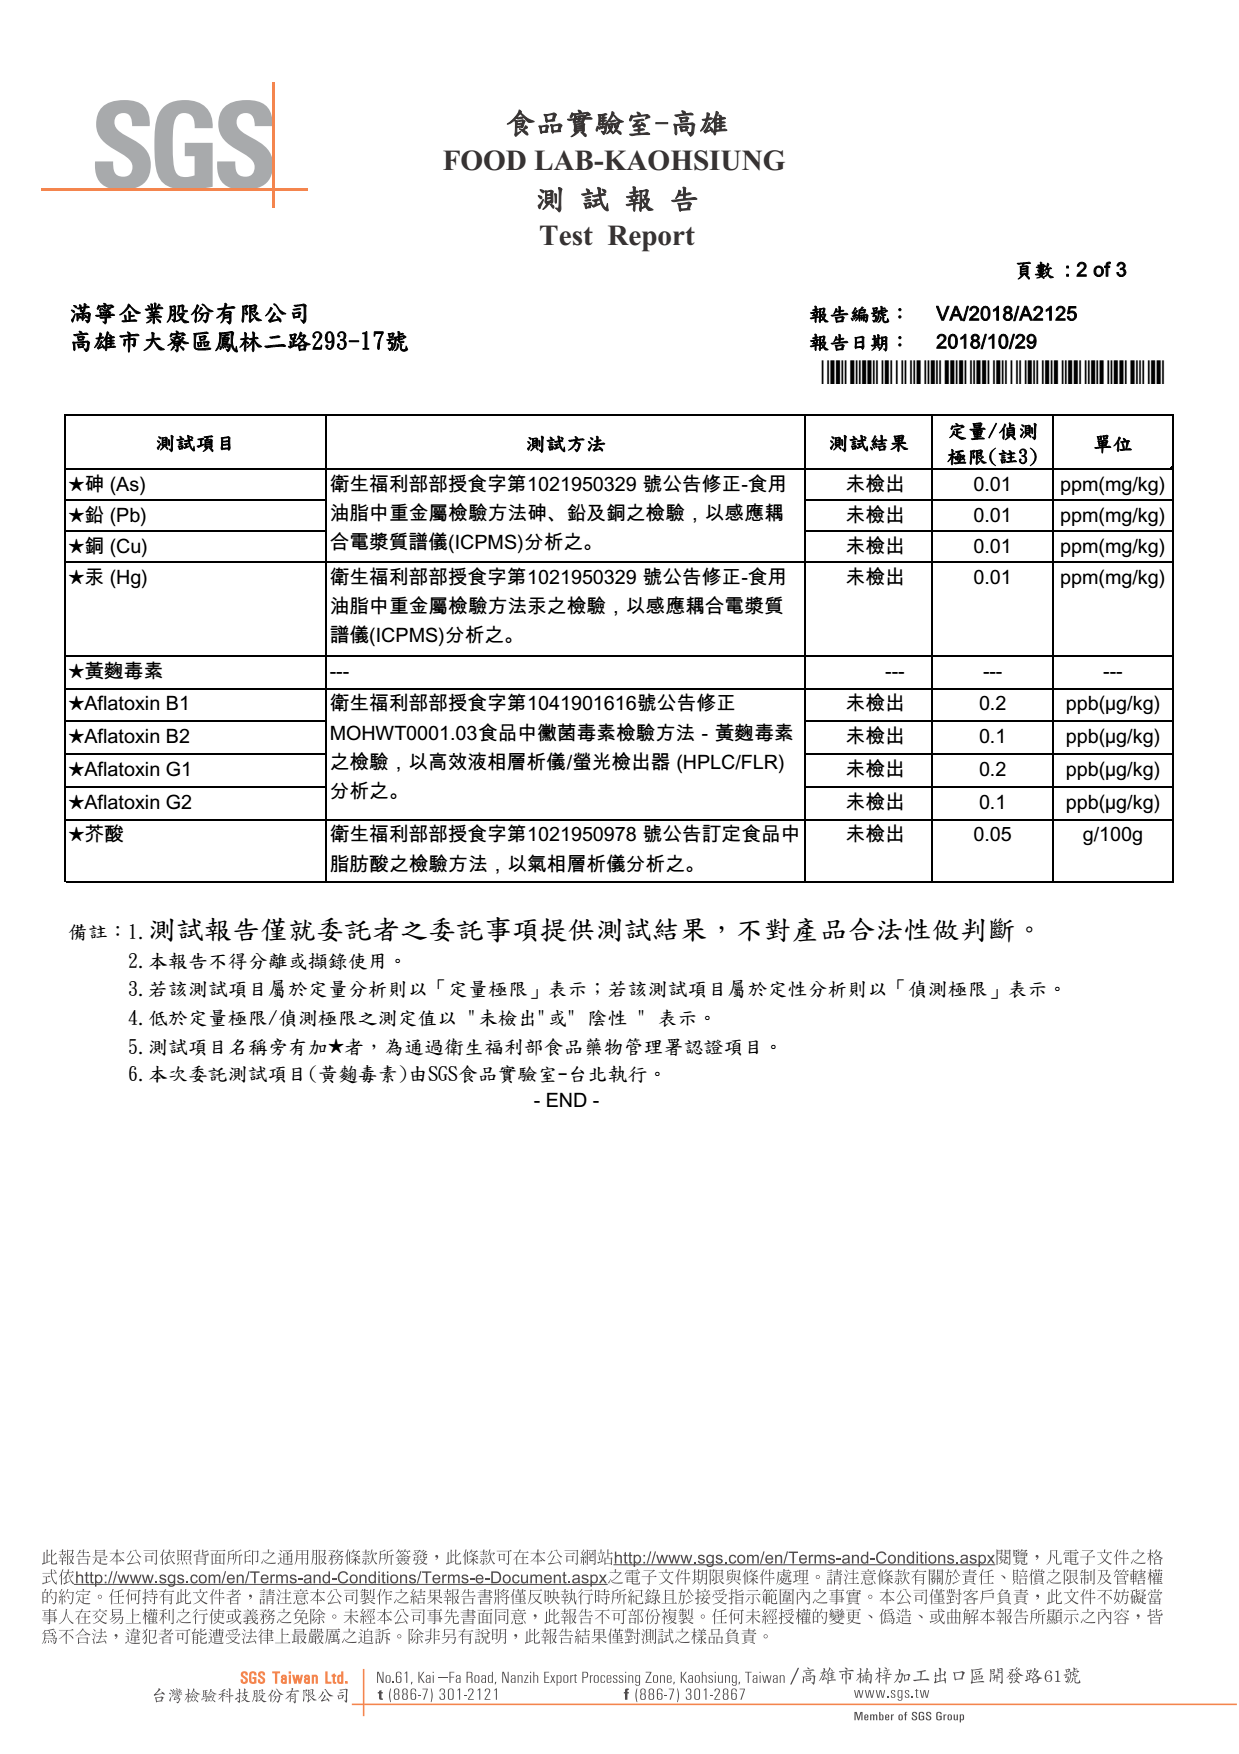 韓國千年味人初榨冷壓南瓜籽油,經SGS檢驗合格